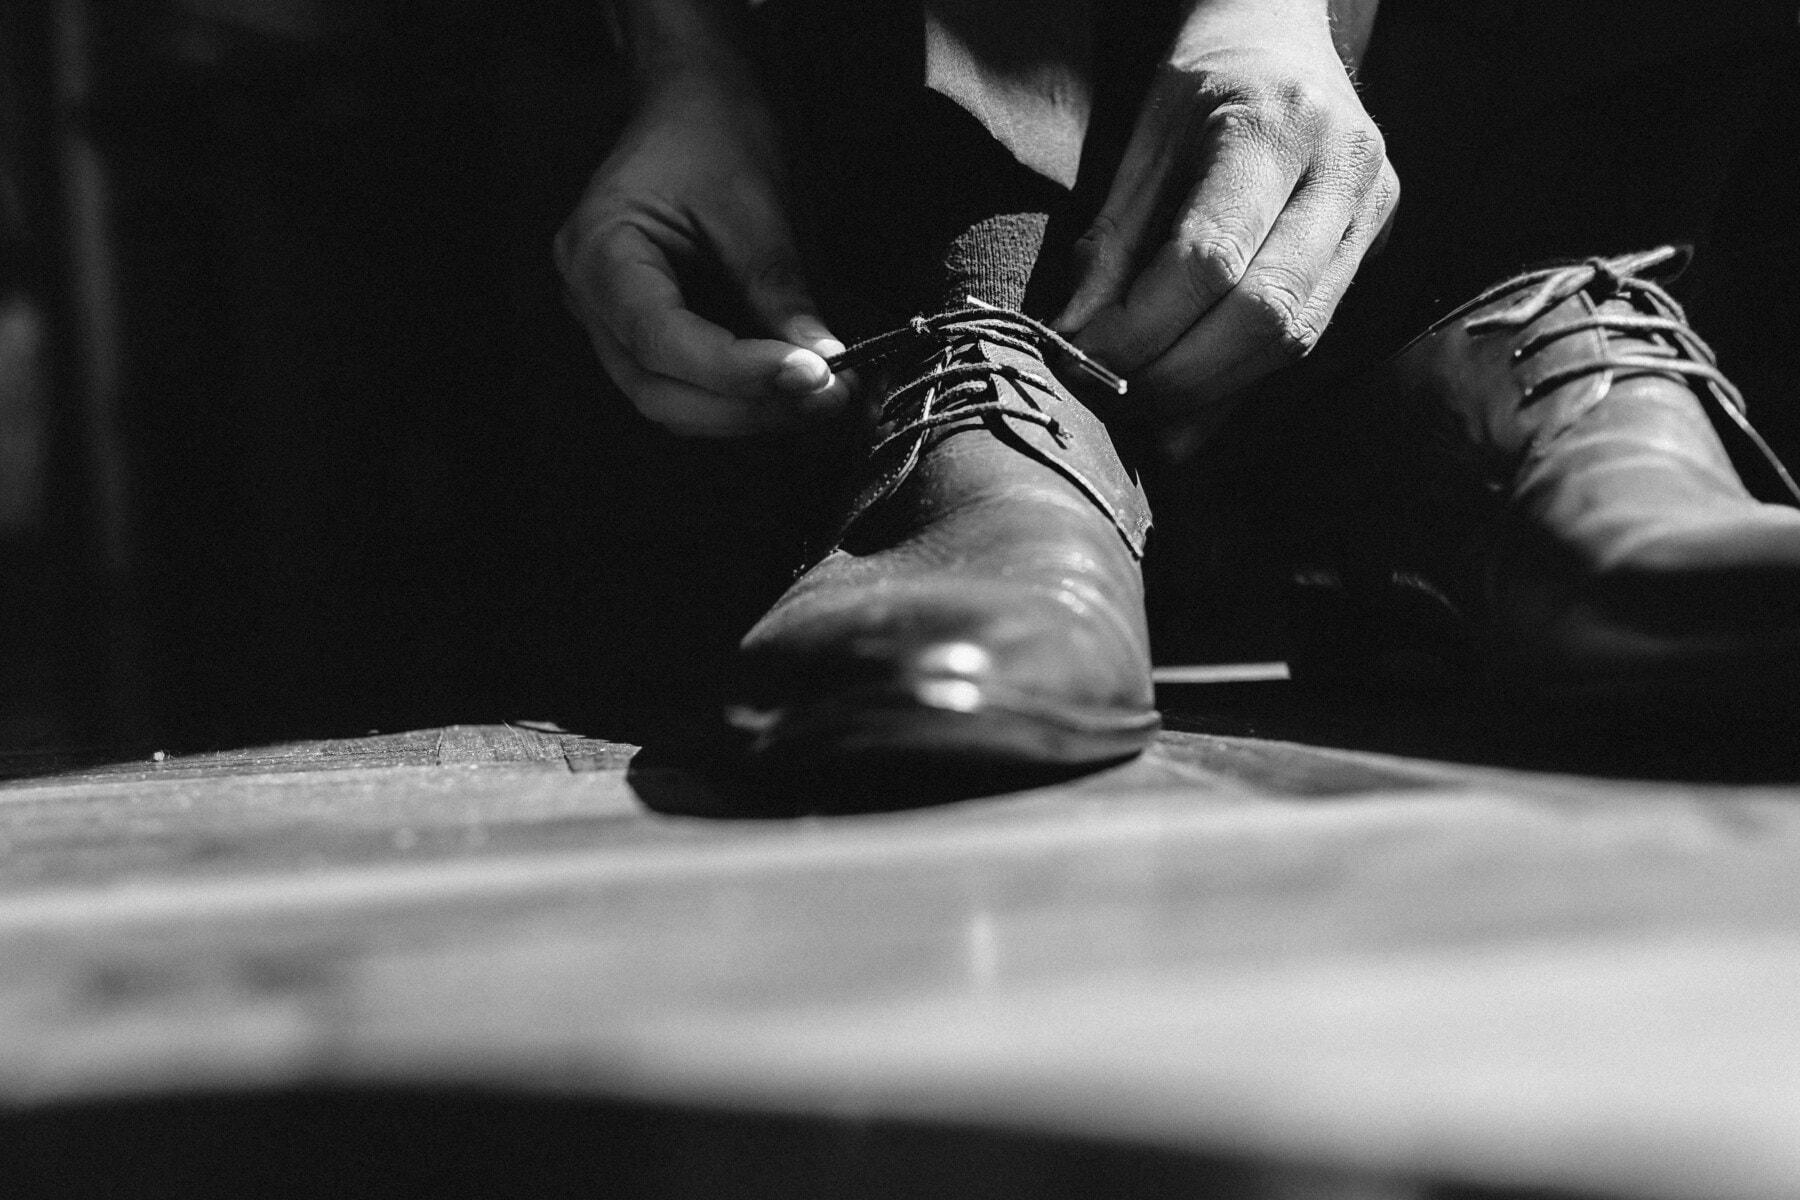 alt, Hände, dreckig, Schnürsenkel, Schuhe, Mann, aus nächster Nähe, Socken, Dunkel, Schatten